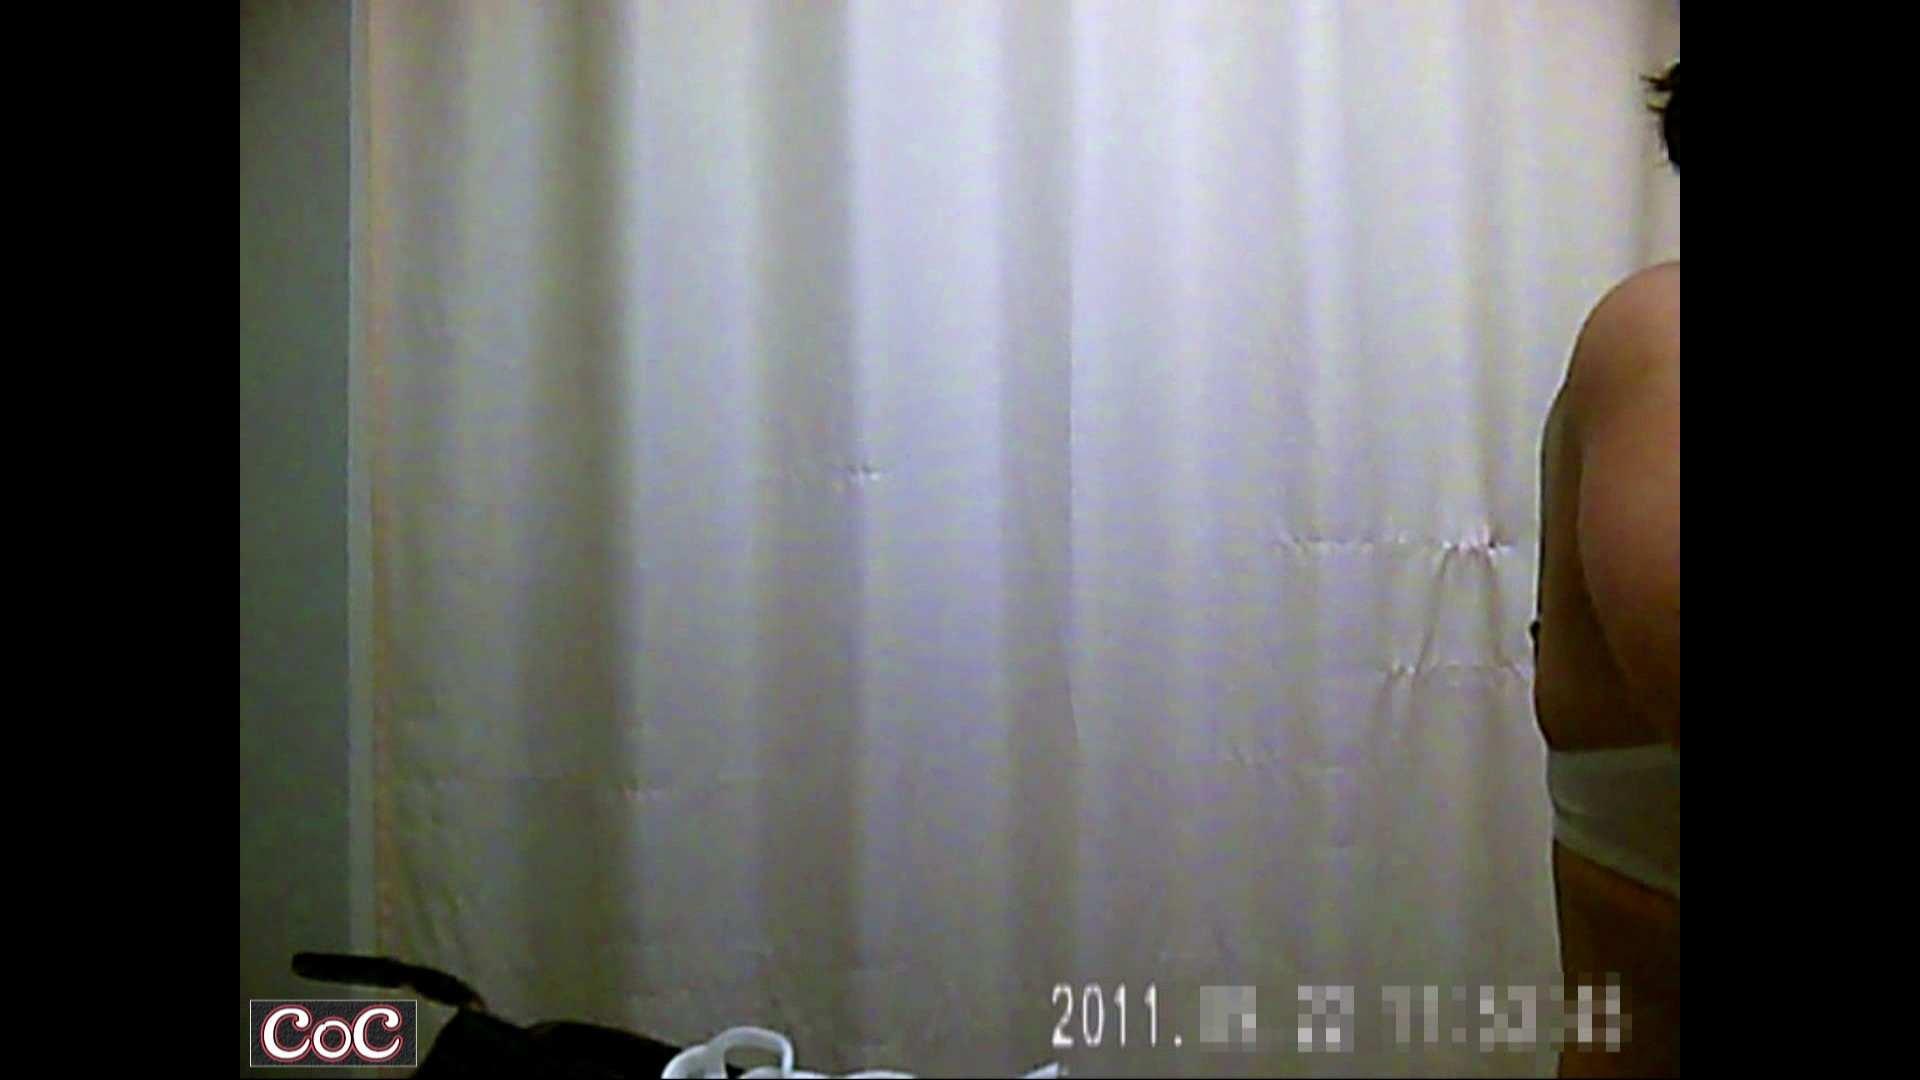 病院おもいっきり着替え! vol.33 貧乳 オメコ動画キャプチャ 89画像 55